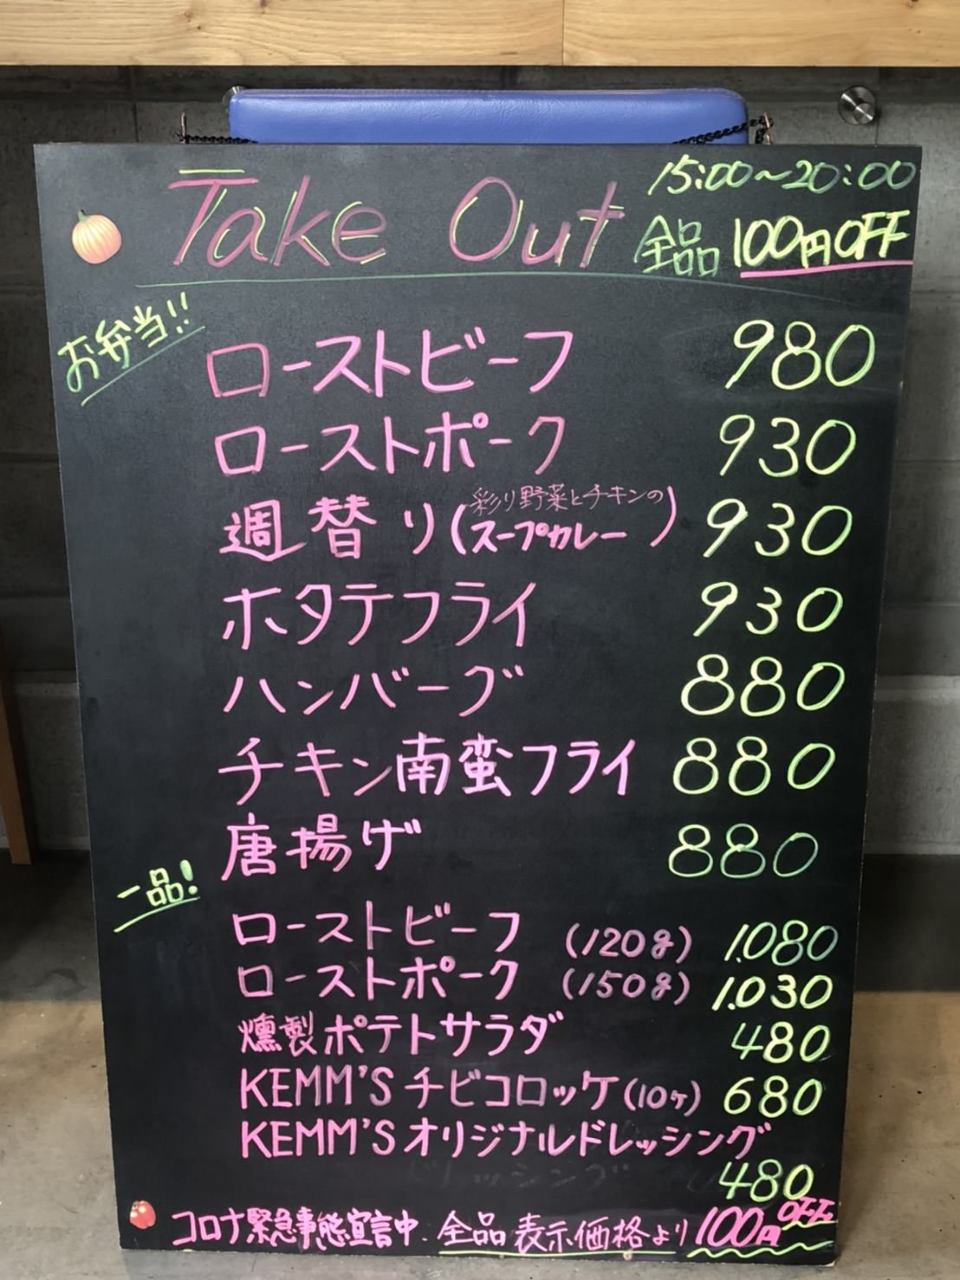 15時以降のテイクアウトご注文で全品100円OFF!